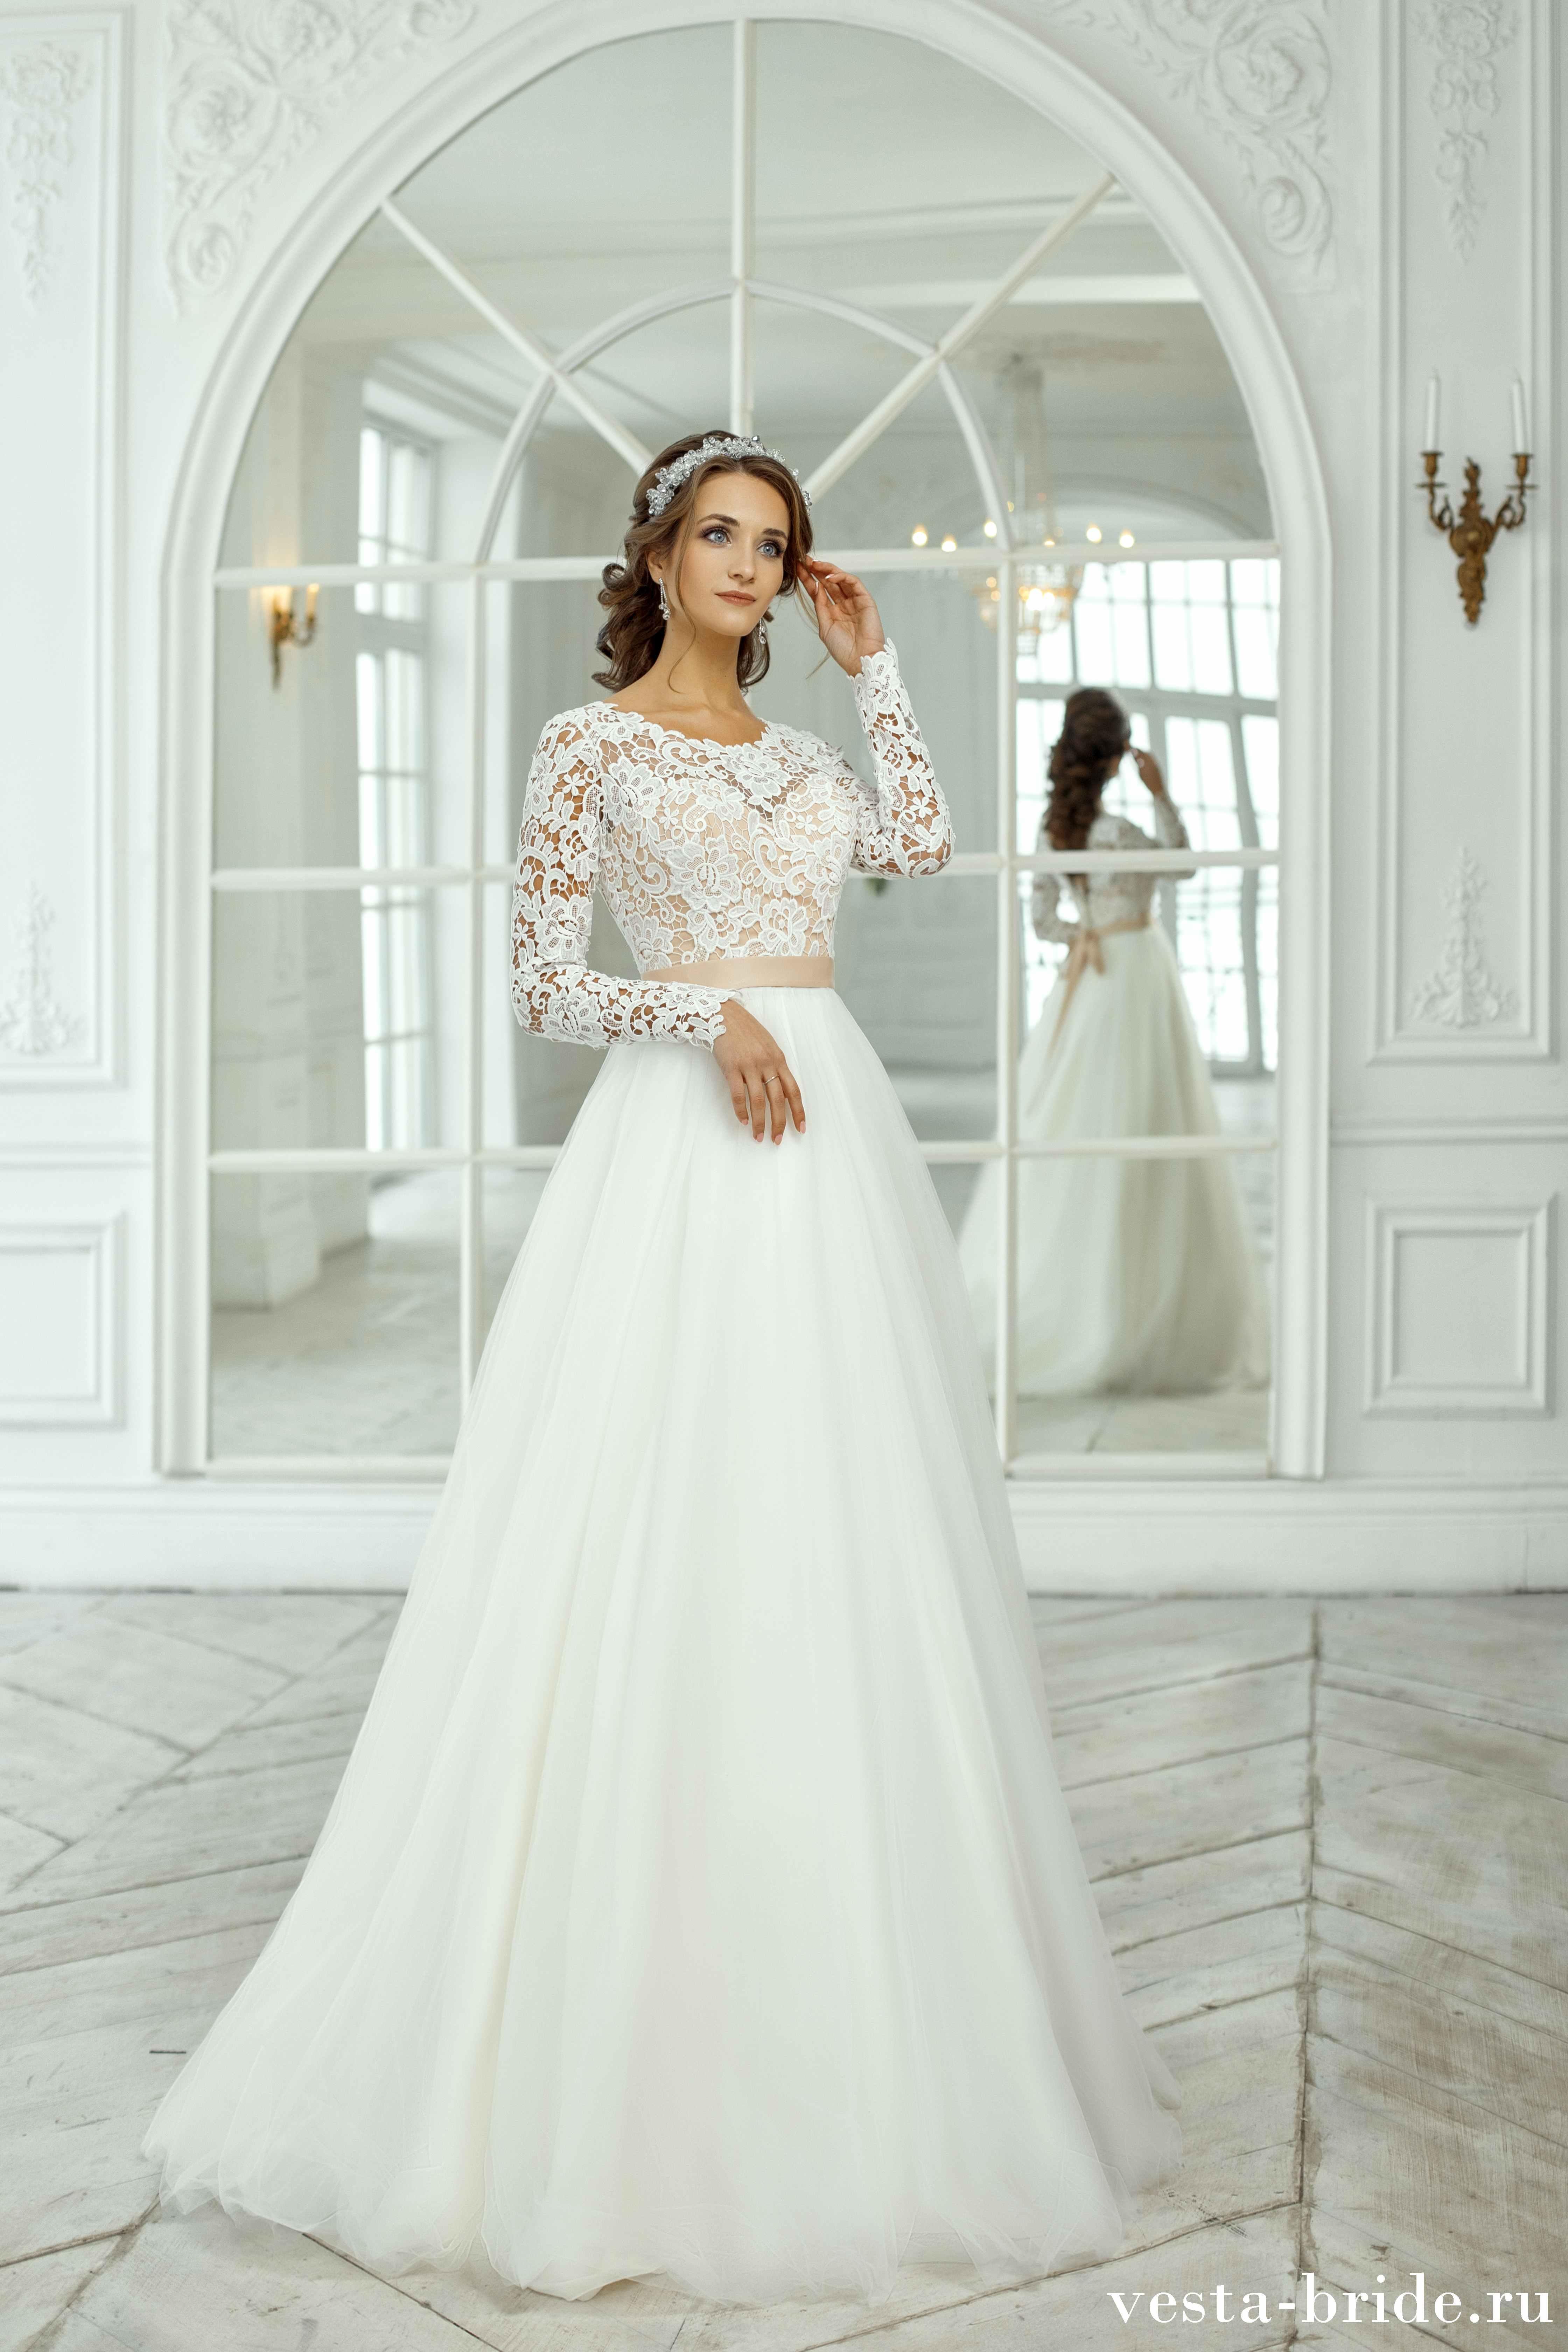 юбки-тюльпан может фото свадебных платьев с закрытыми руками двухлетнем